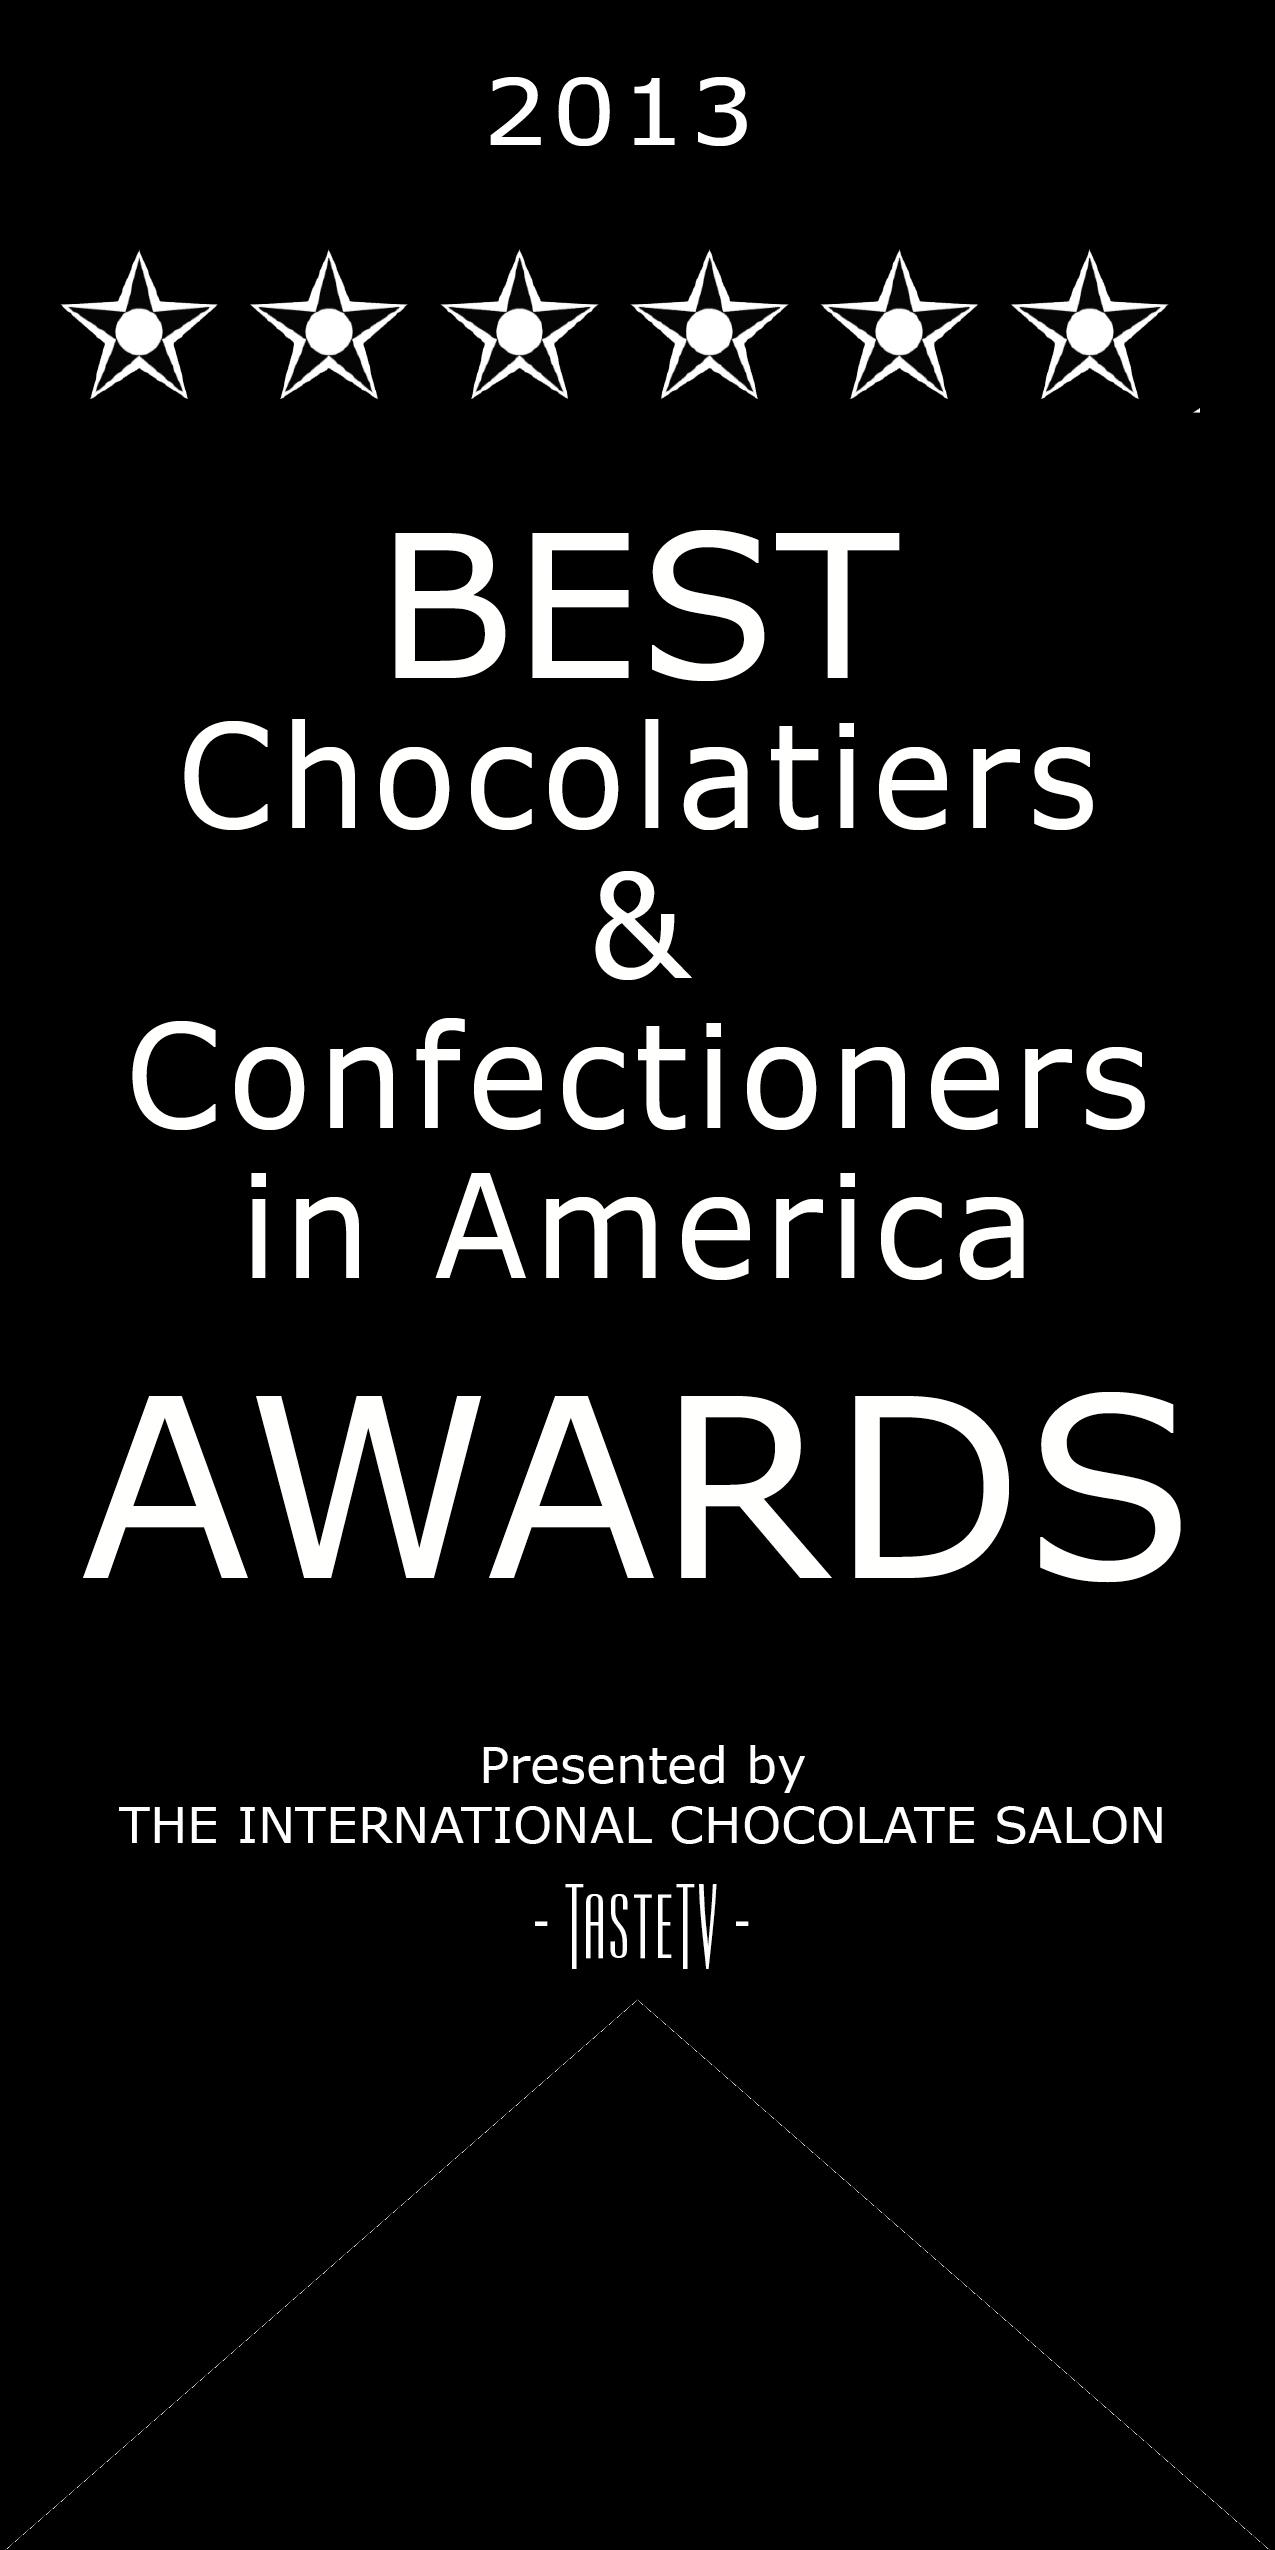 America's Best Chocolatiers